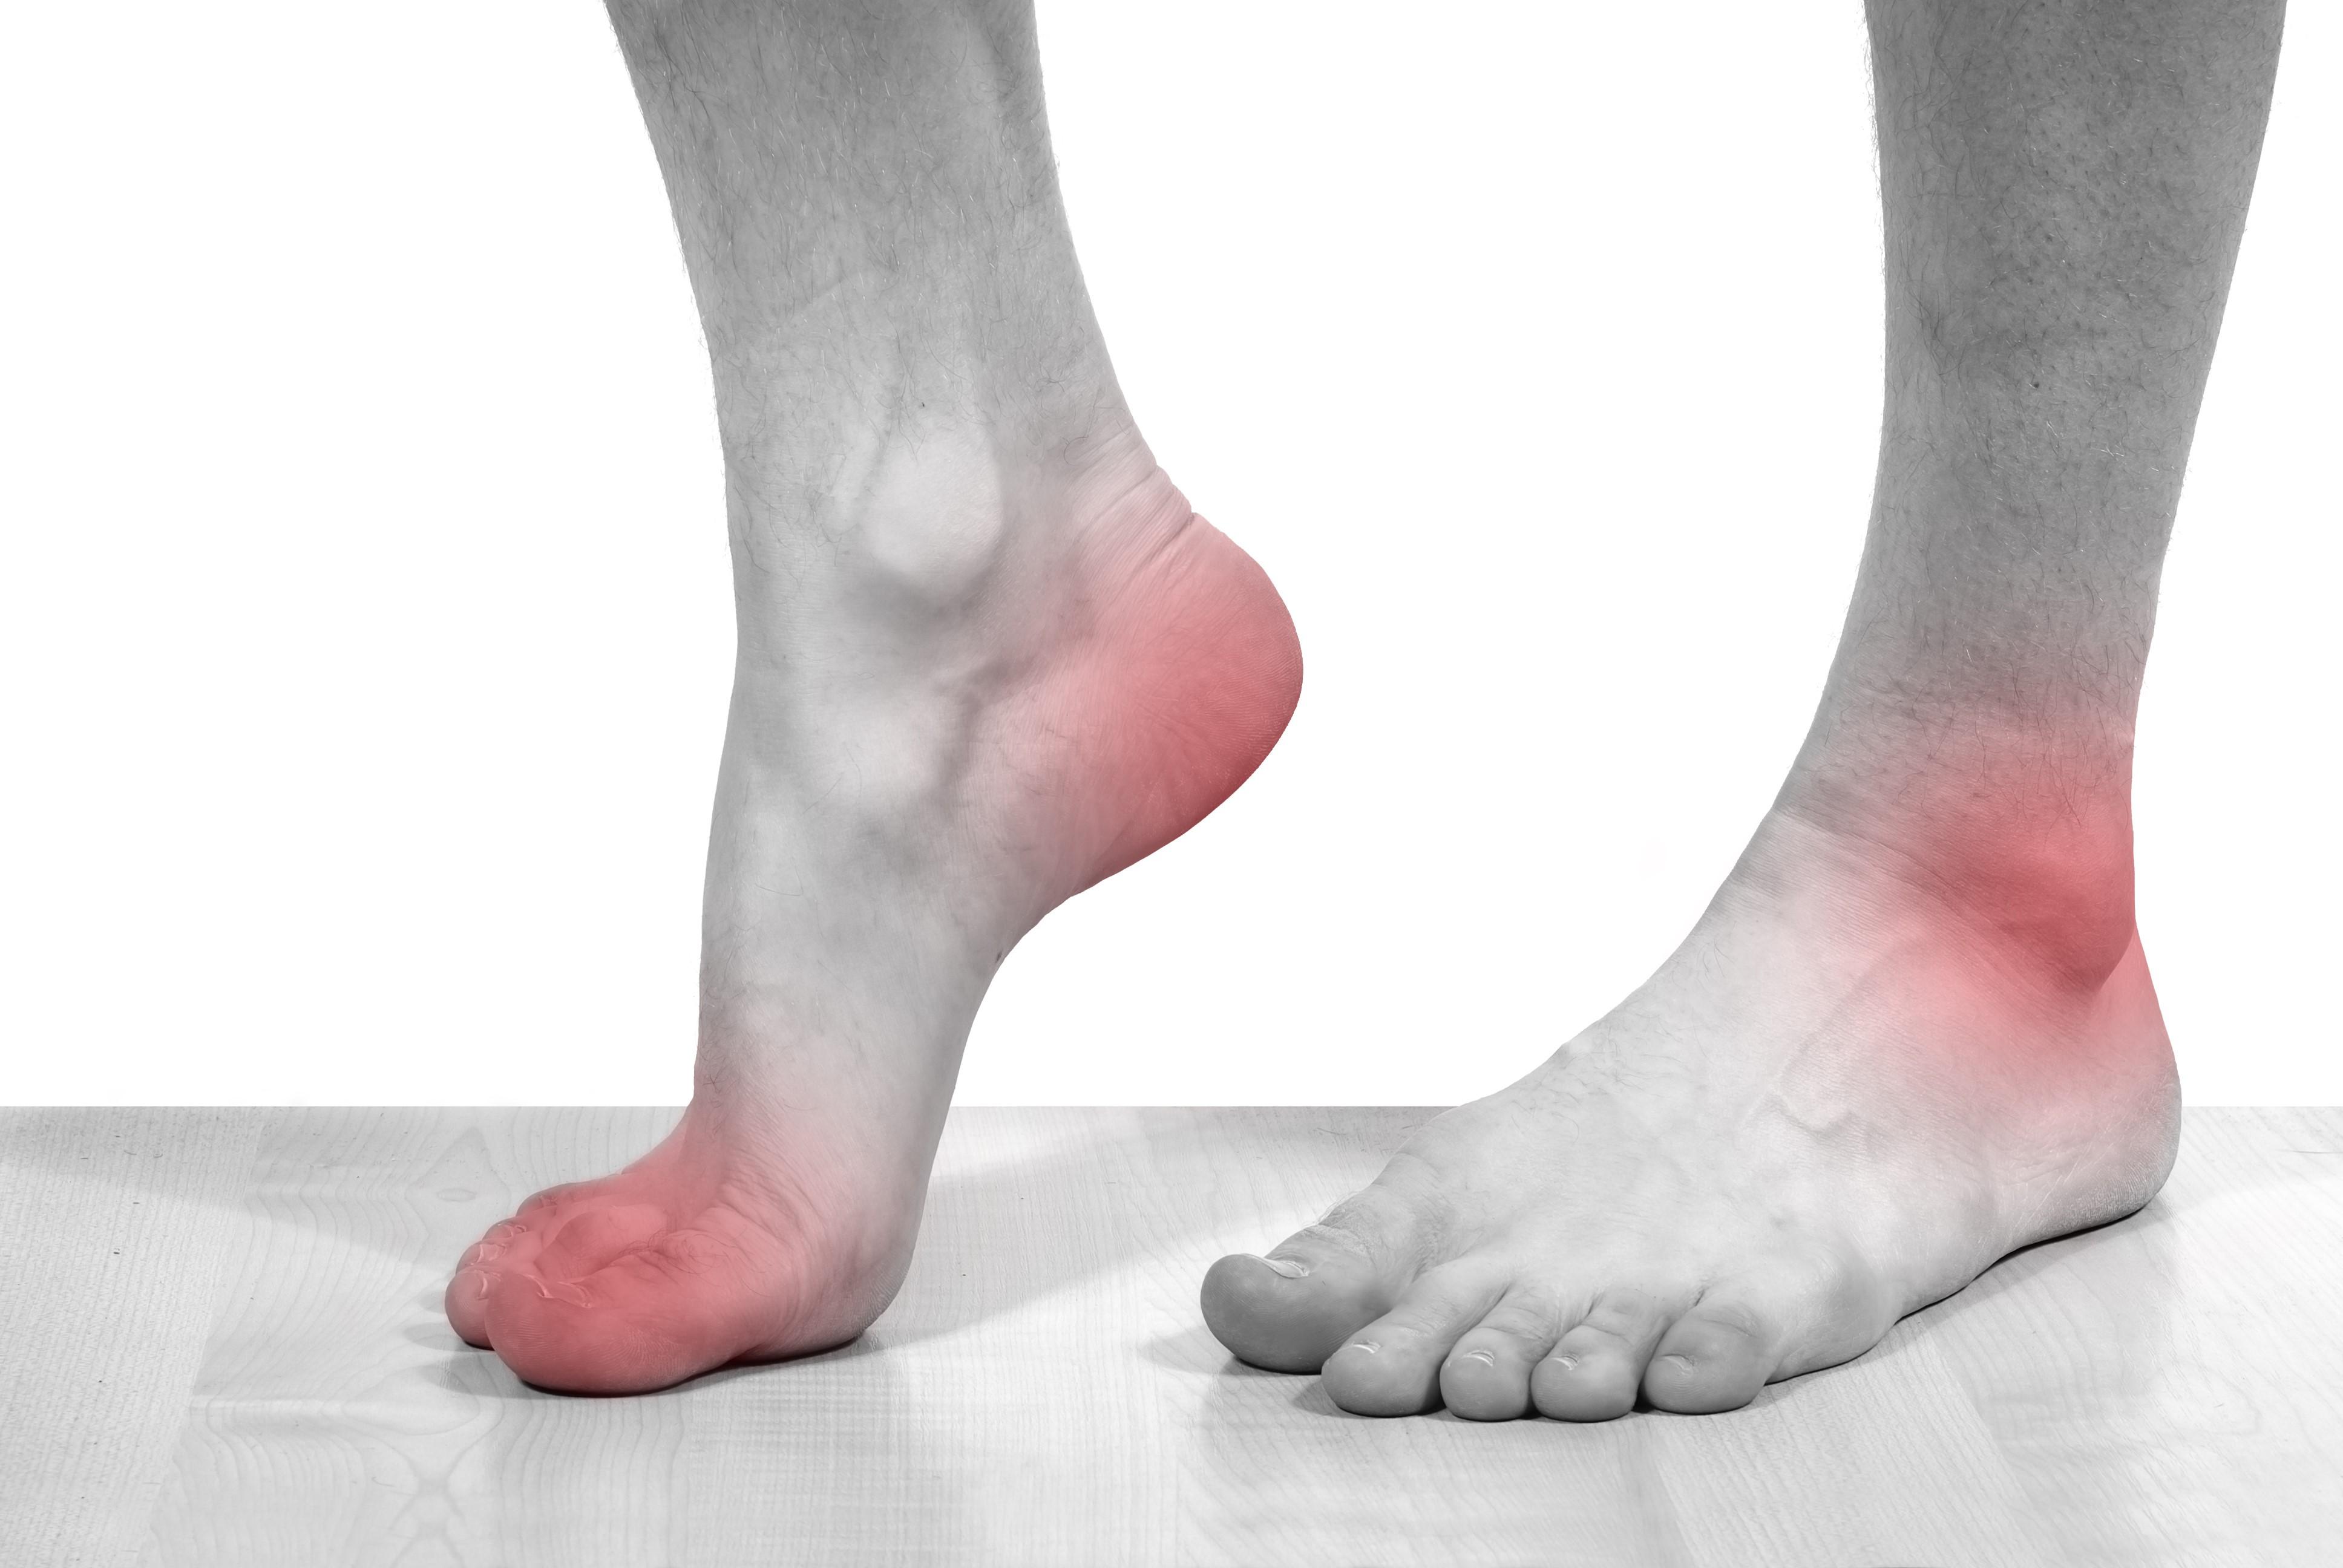 Подагра: симптомы и признаки с фото, лечение и рекомендации по образу жизни